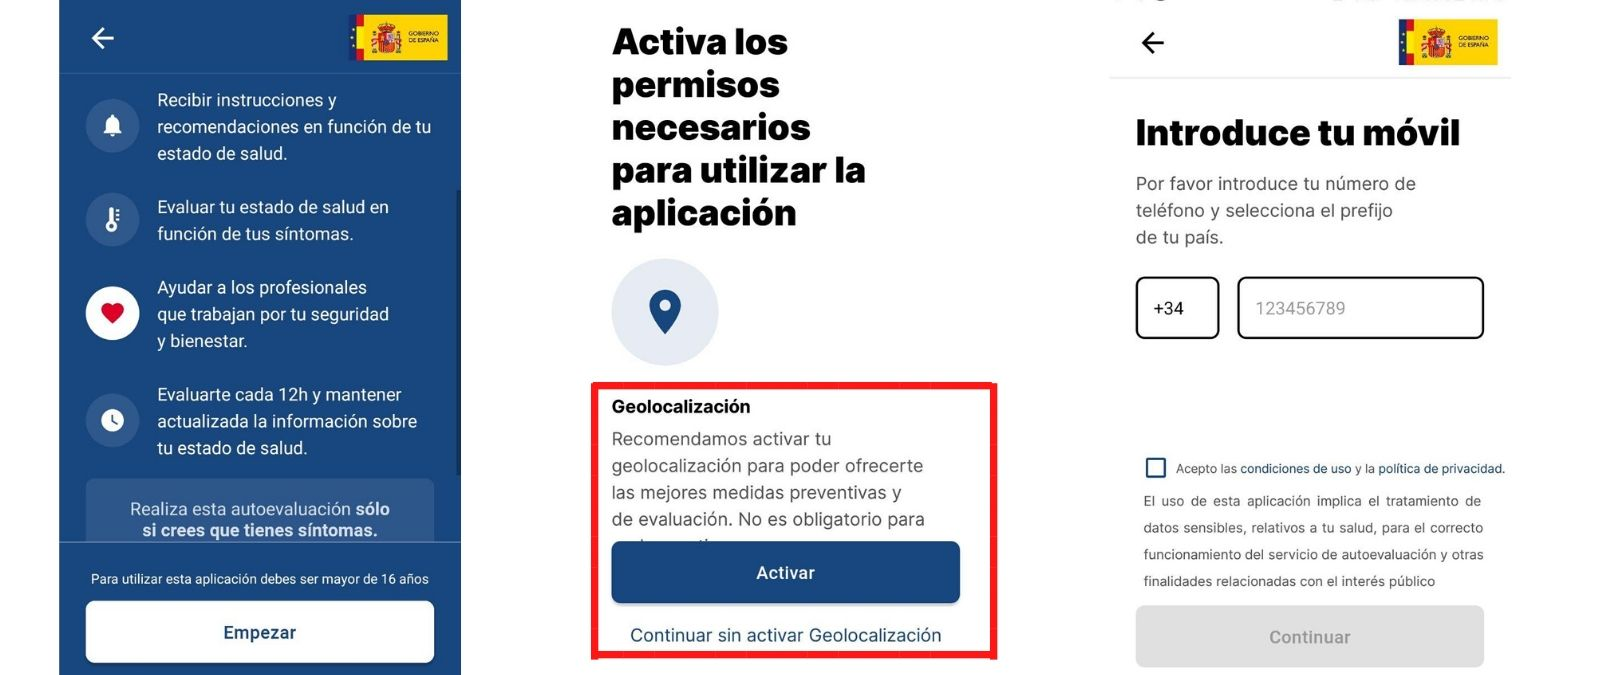 Asistencia Covid 19 La App De Autodiagnostico Del Gobierno Solo Te Geolocaliza Si La Descargas Y Activas Esta Opcion Al Empezar El Test Maldita Es